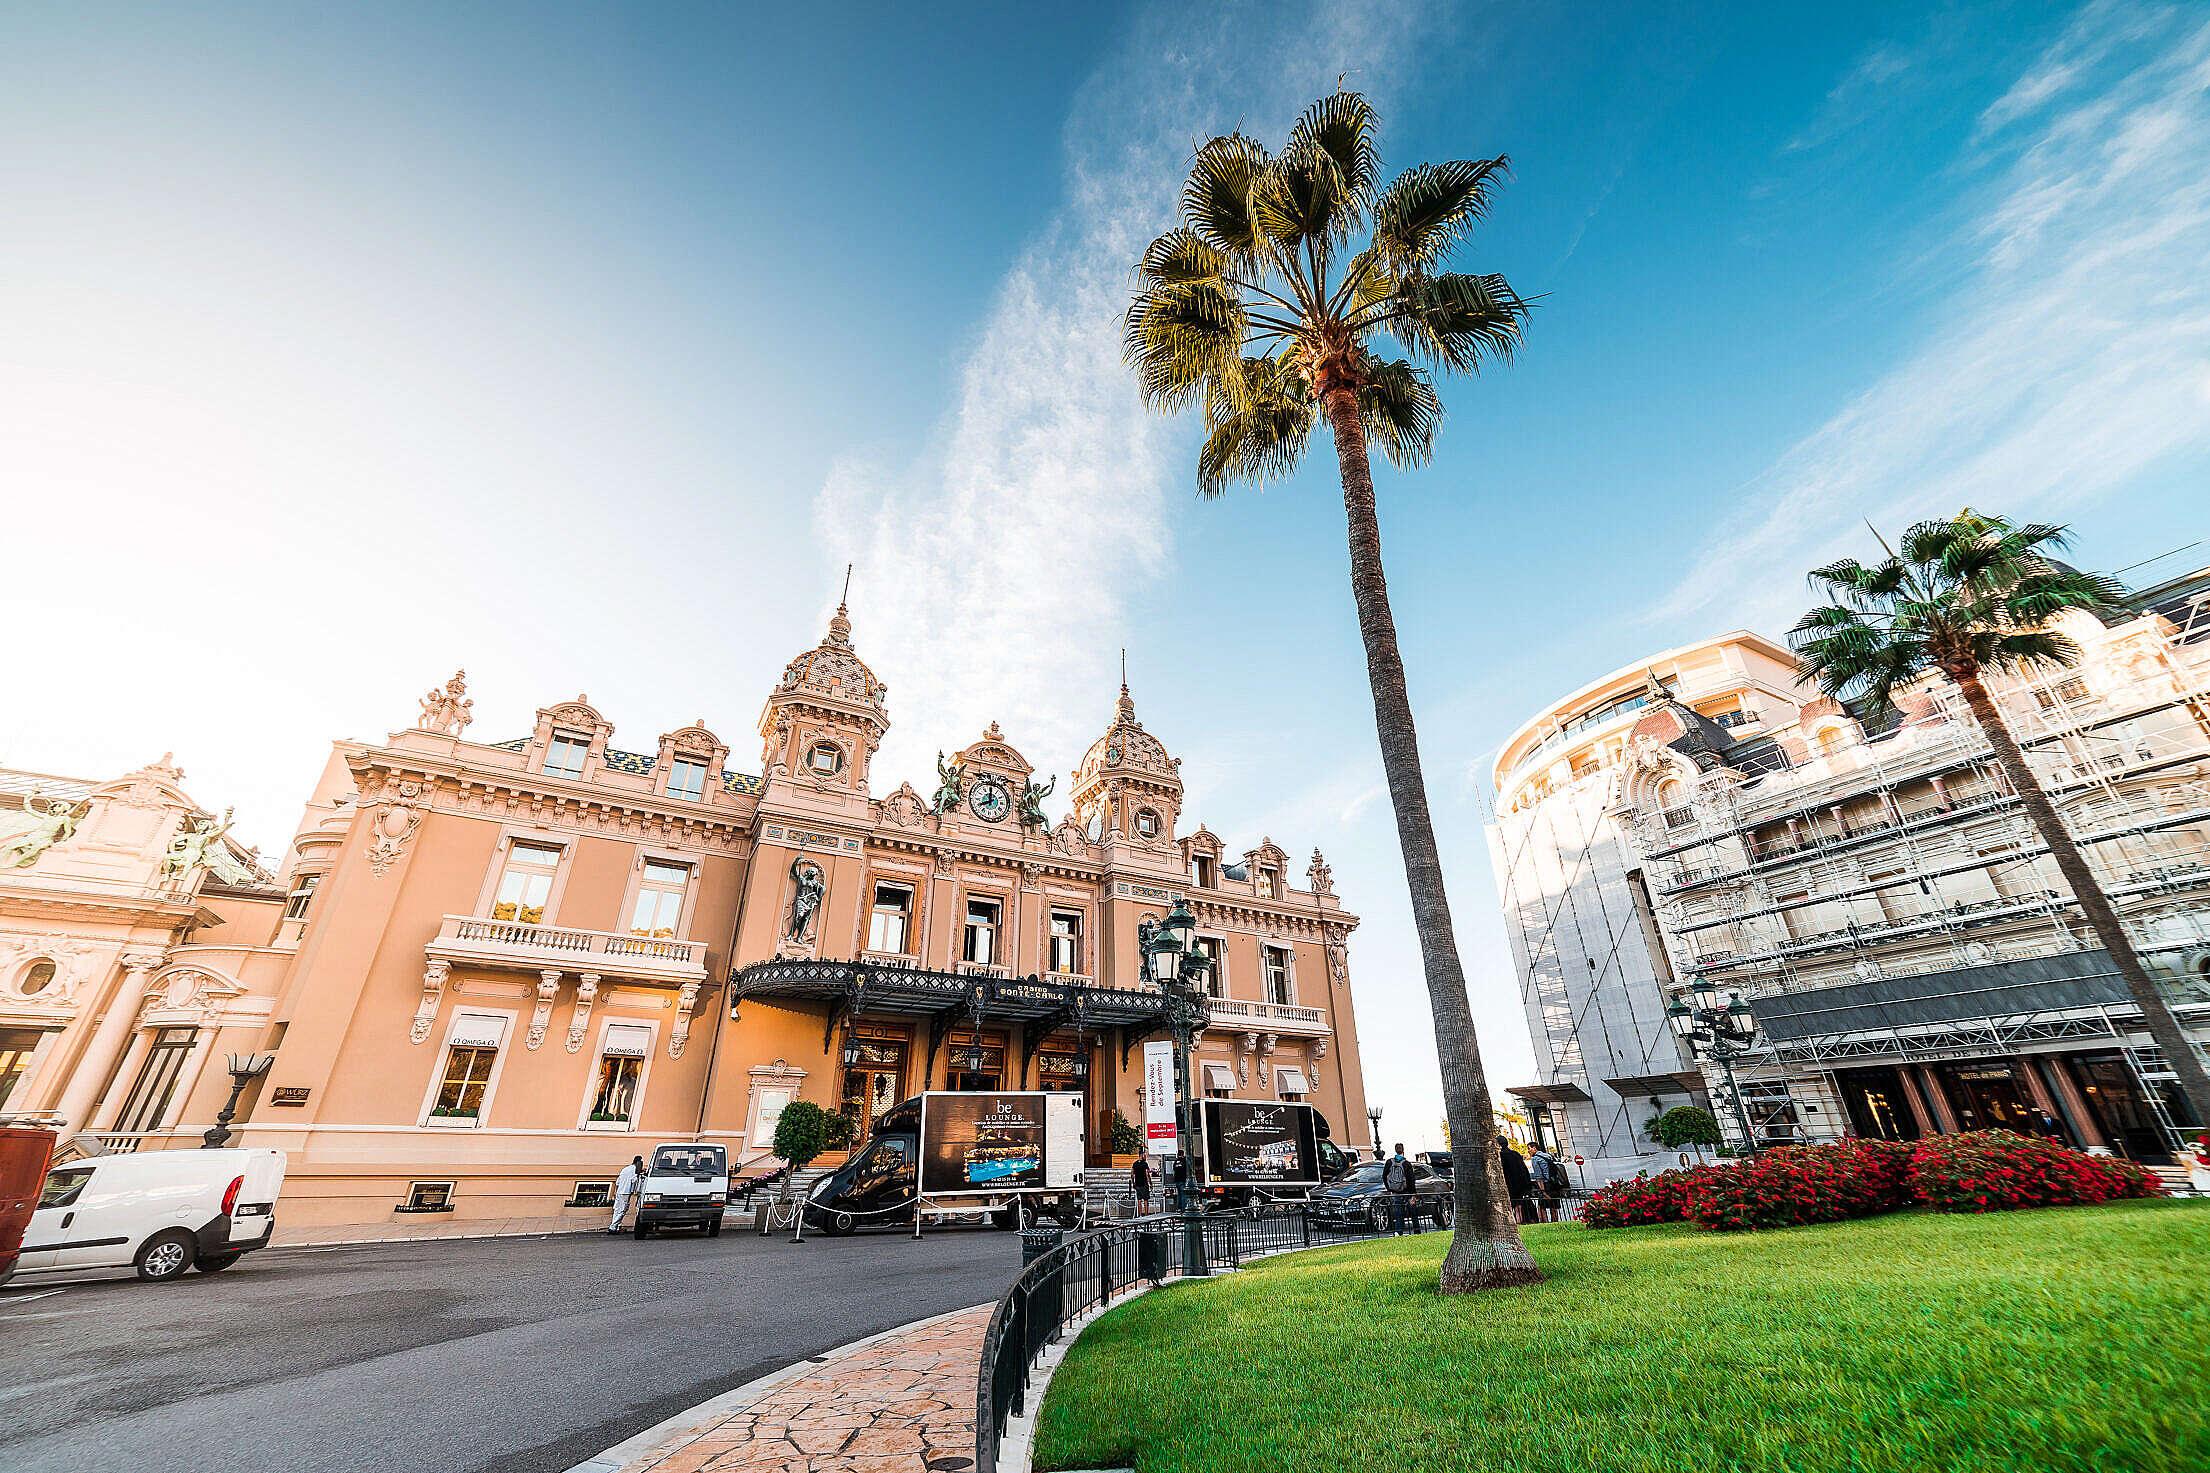 Monaco Casino Monte Carlo Free Stock Photo